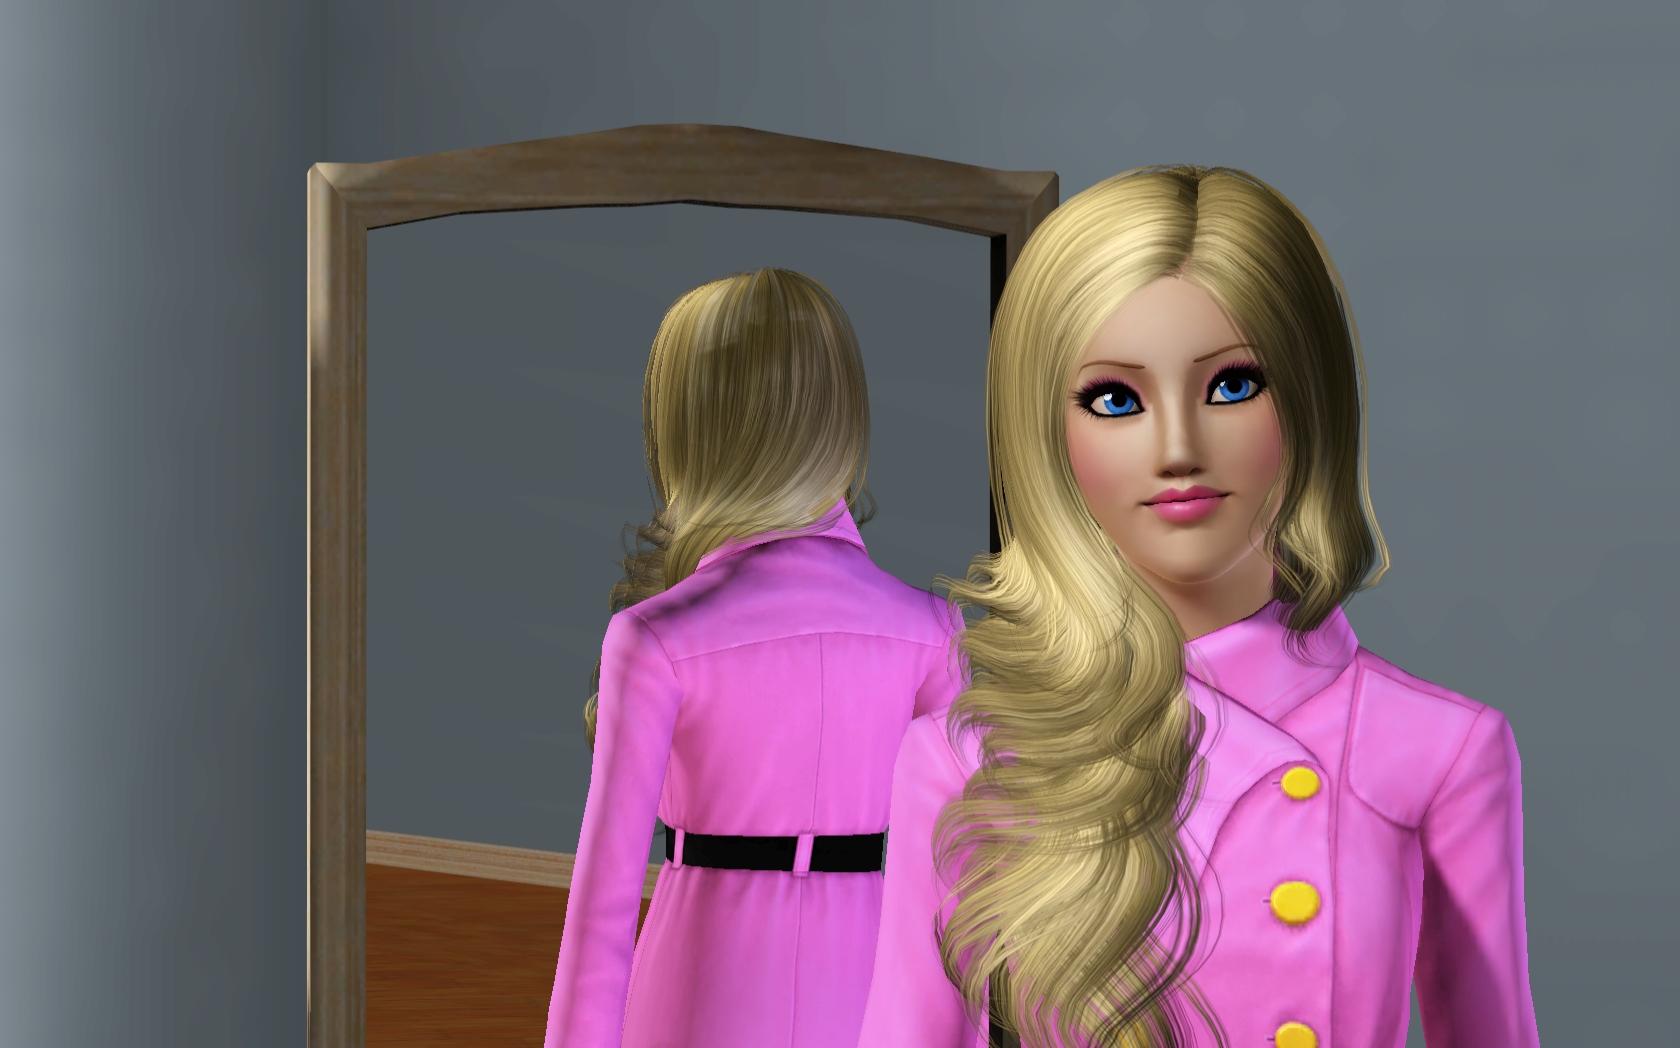 """Sims 3 """"Симка """"Кукла Барби"""""""" - Файлы - патч, демо, demo, моды, дополнение, русификатор, скачать бесплатно"""